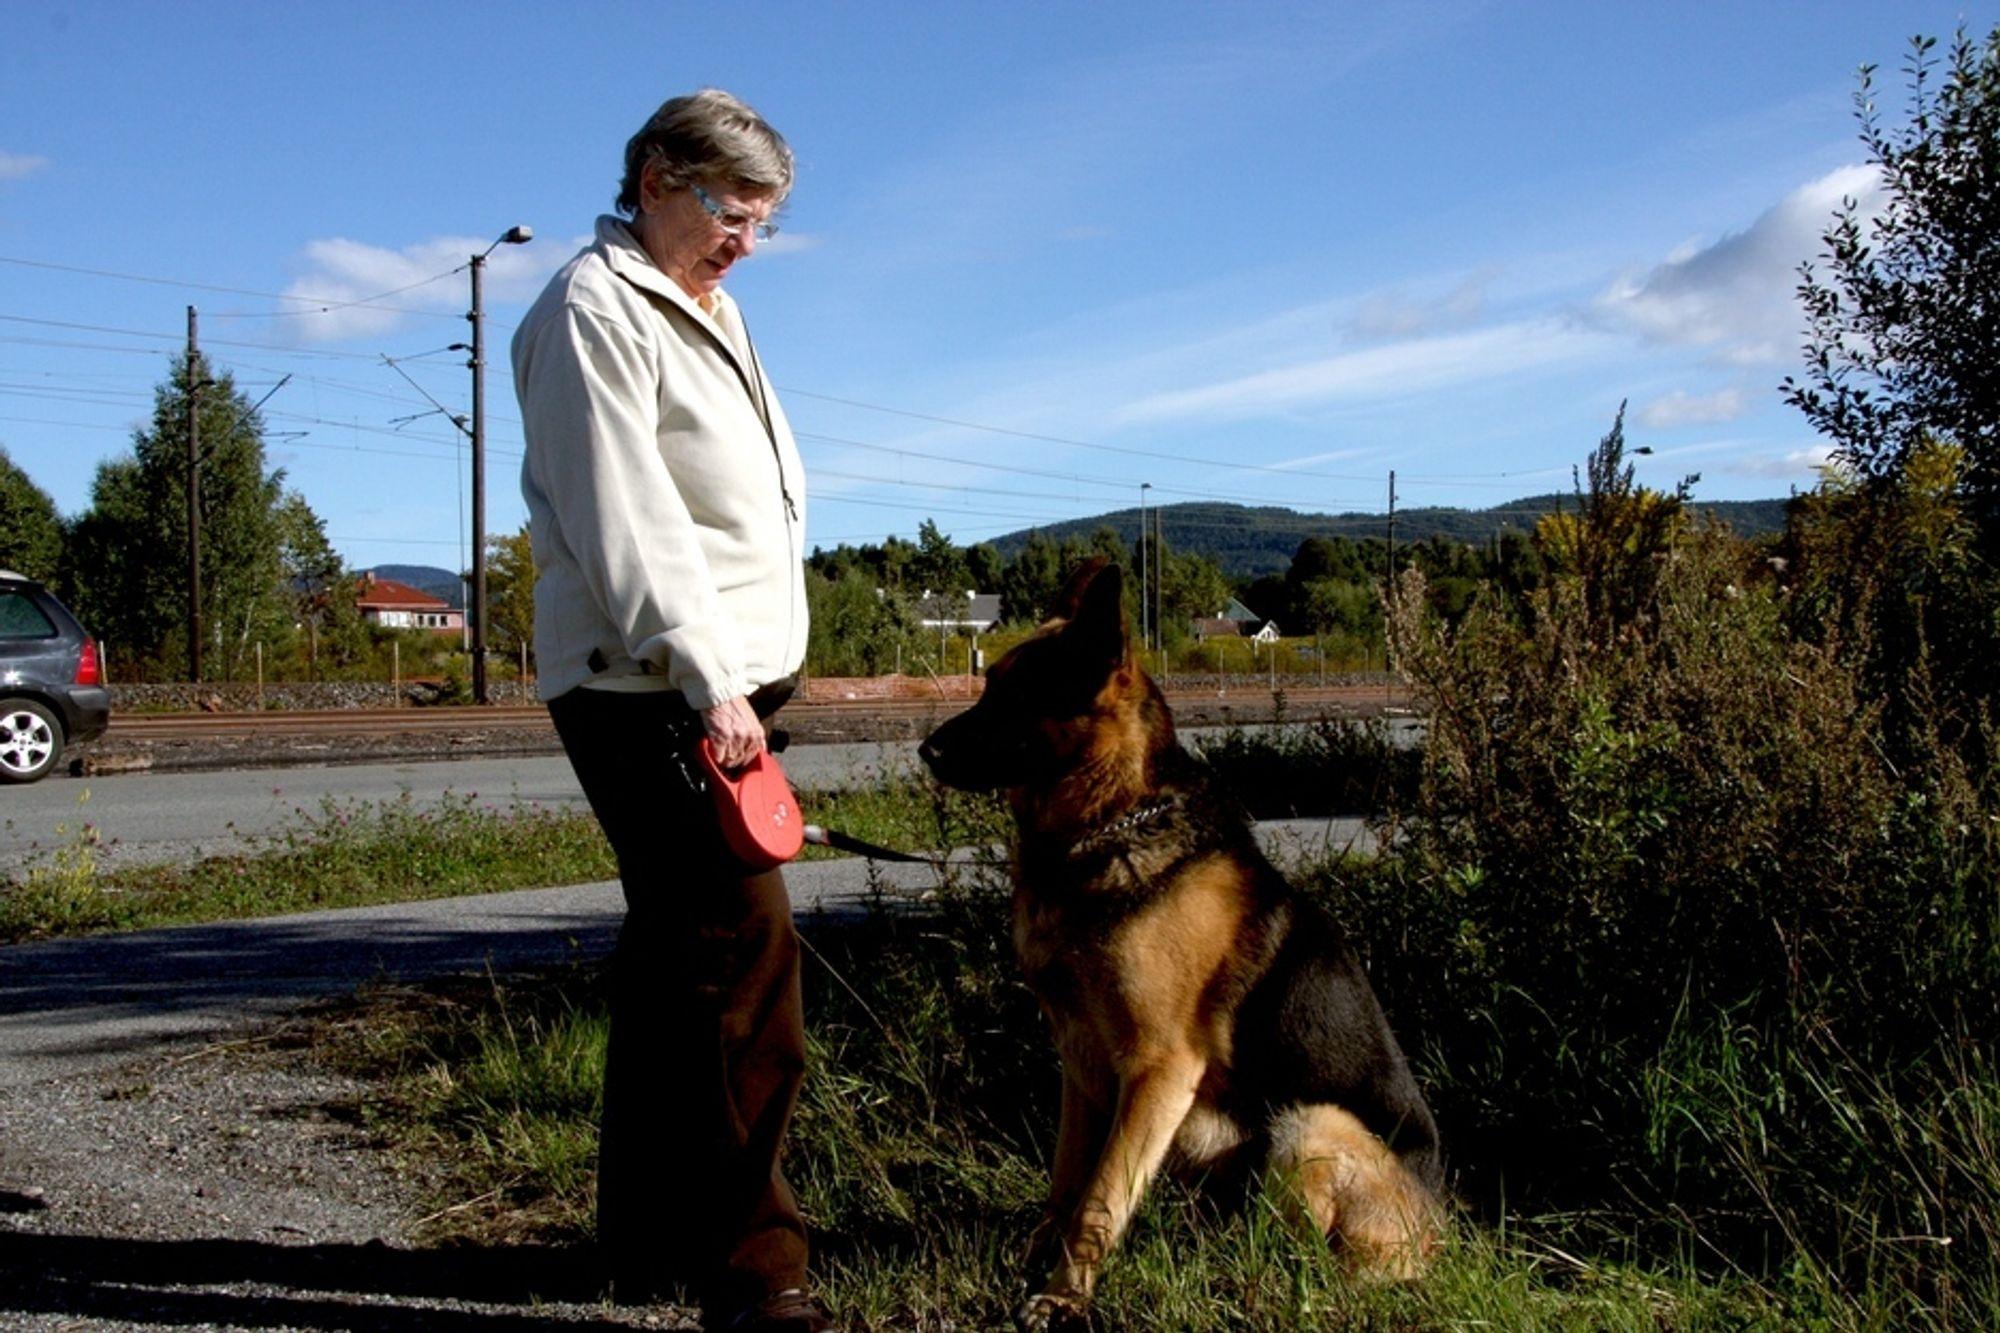 INDUSTRIELL SPASERTUR: Edith Jensen og hunden Aron (4) spaserer mellom togskinner og industriområder på Lierstranda. Hun skulle gjerne sett mer av fjorden, og er positiv til Gjelstens utviklingsplaner.